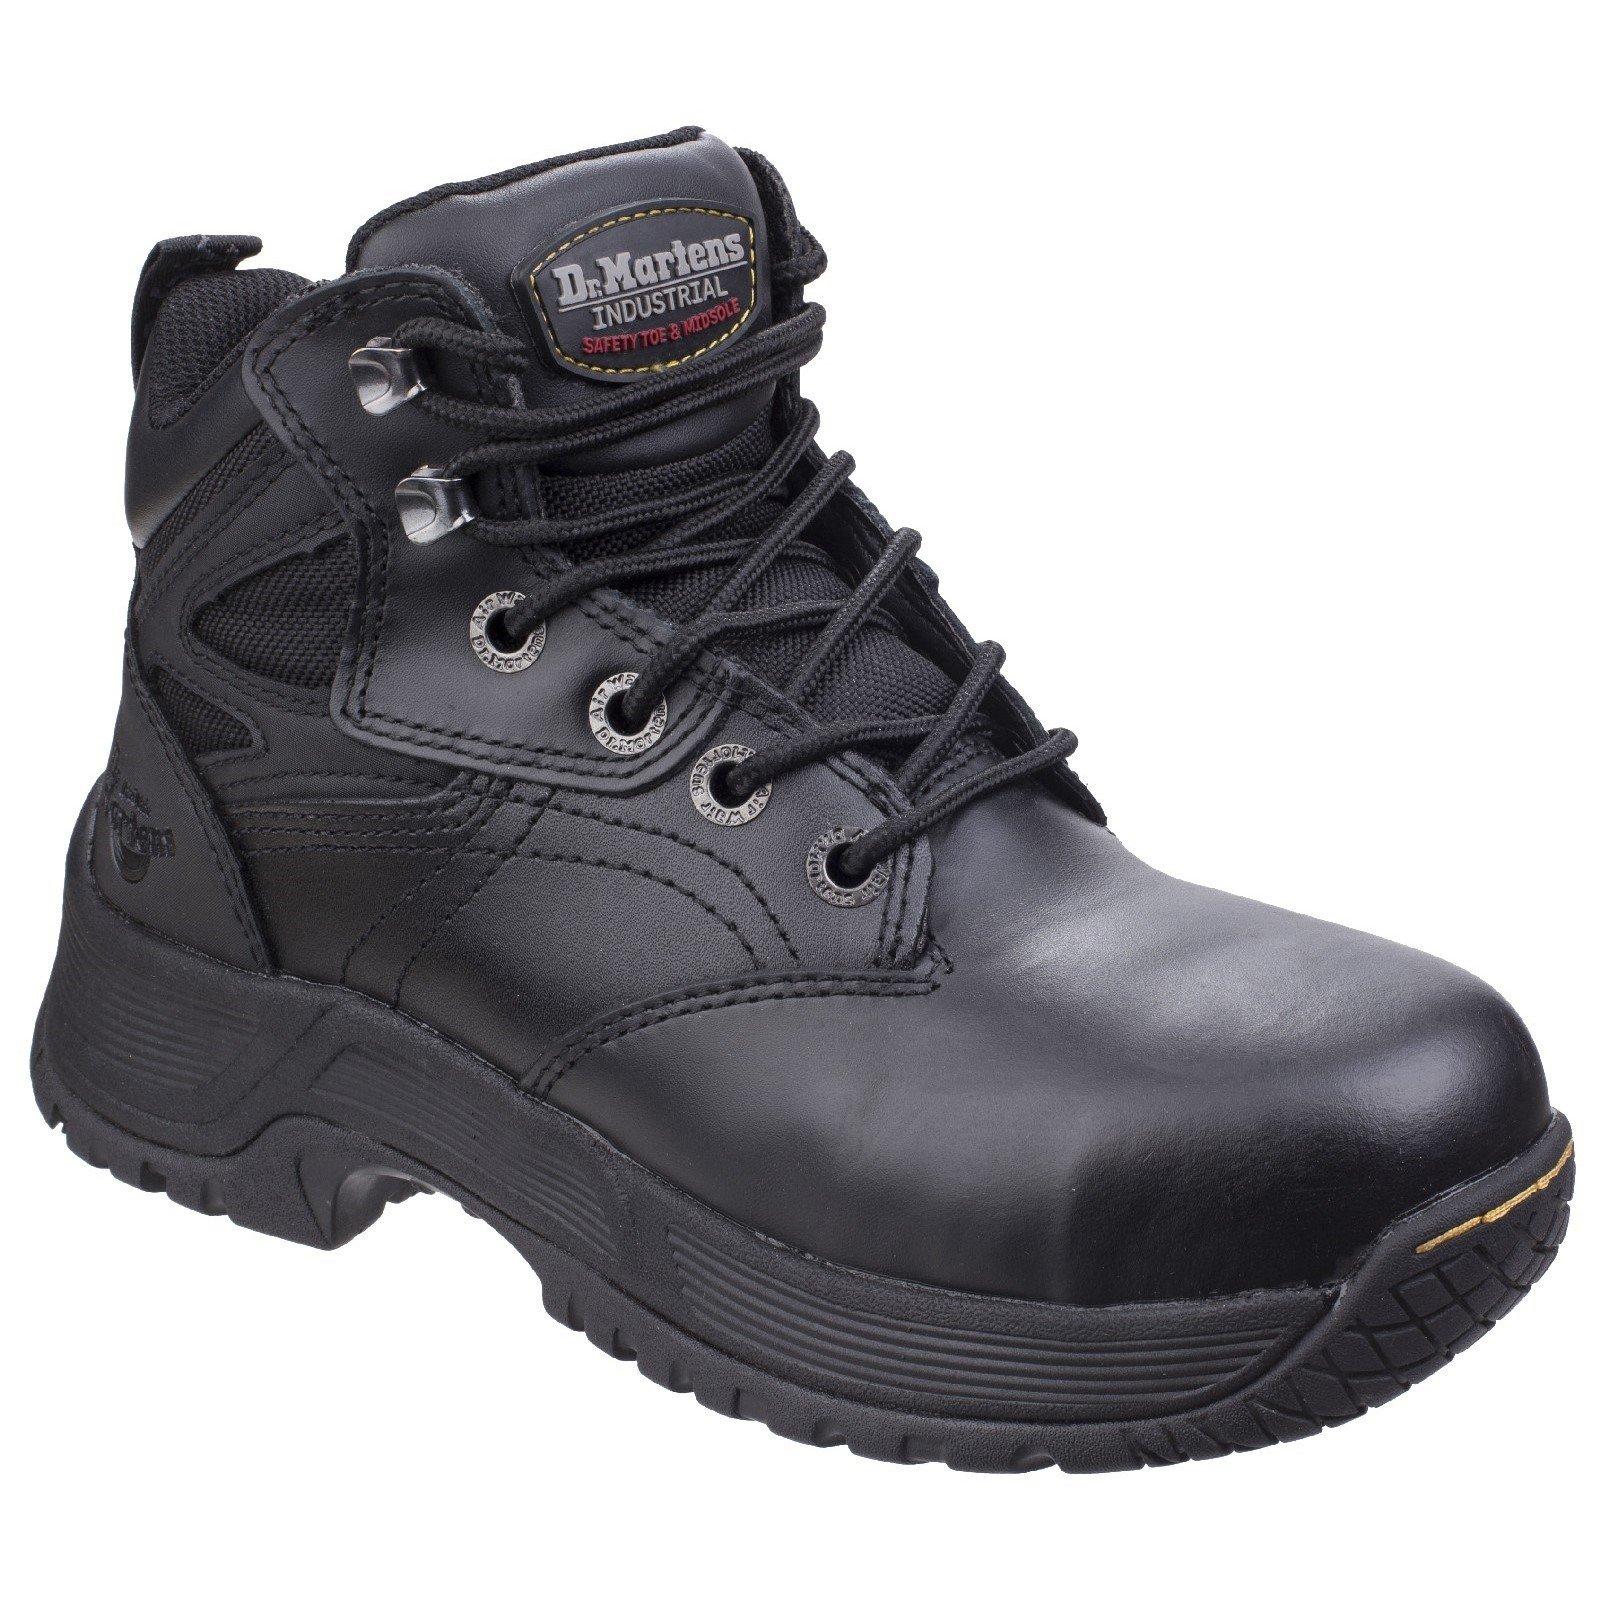 Dr Martens Men's Torness Safety Boot Black 26020 - Black 6